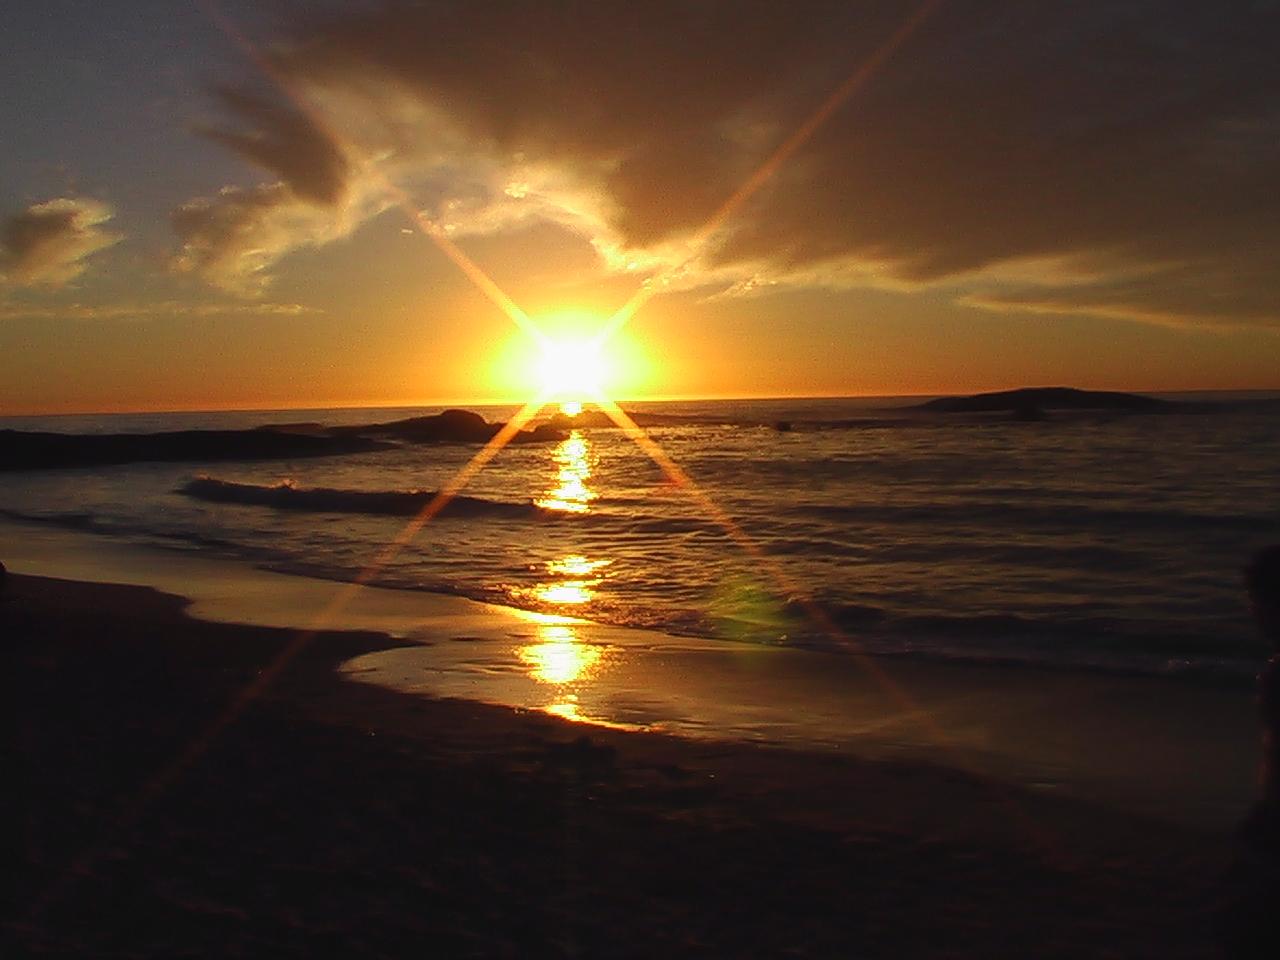 beautiful sunset wallpaper hd beautiful sunset wallpaper hd beautiful 1280x960